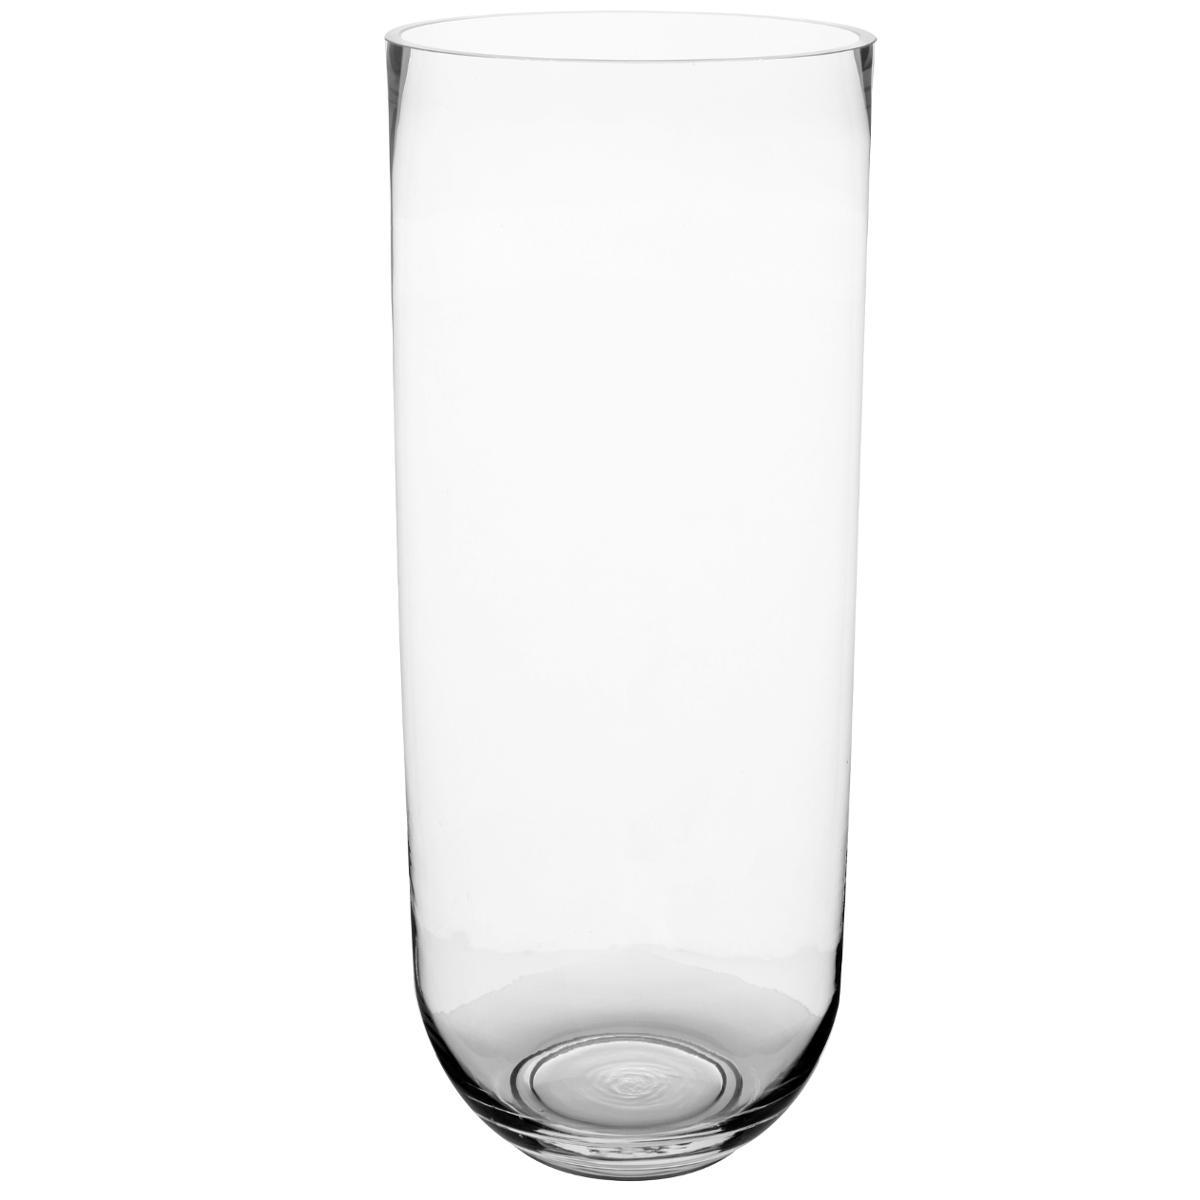 Deco verre vase cylindre Tour H 35 cm D 20 cm environ Transparent jodeco